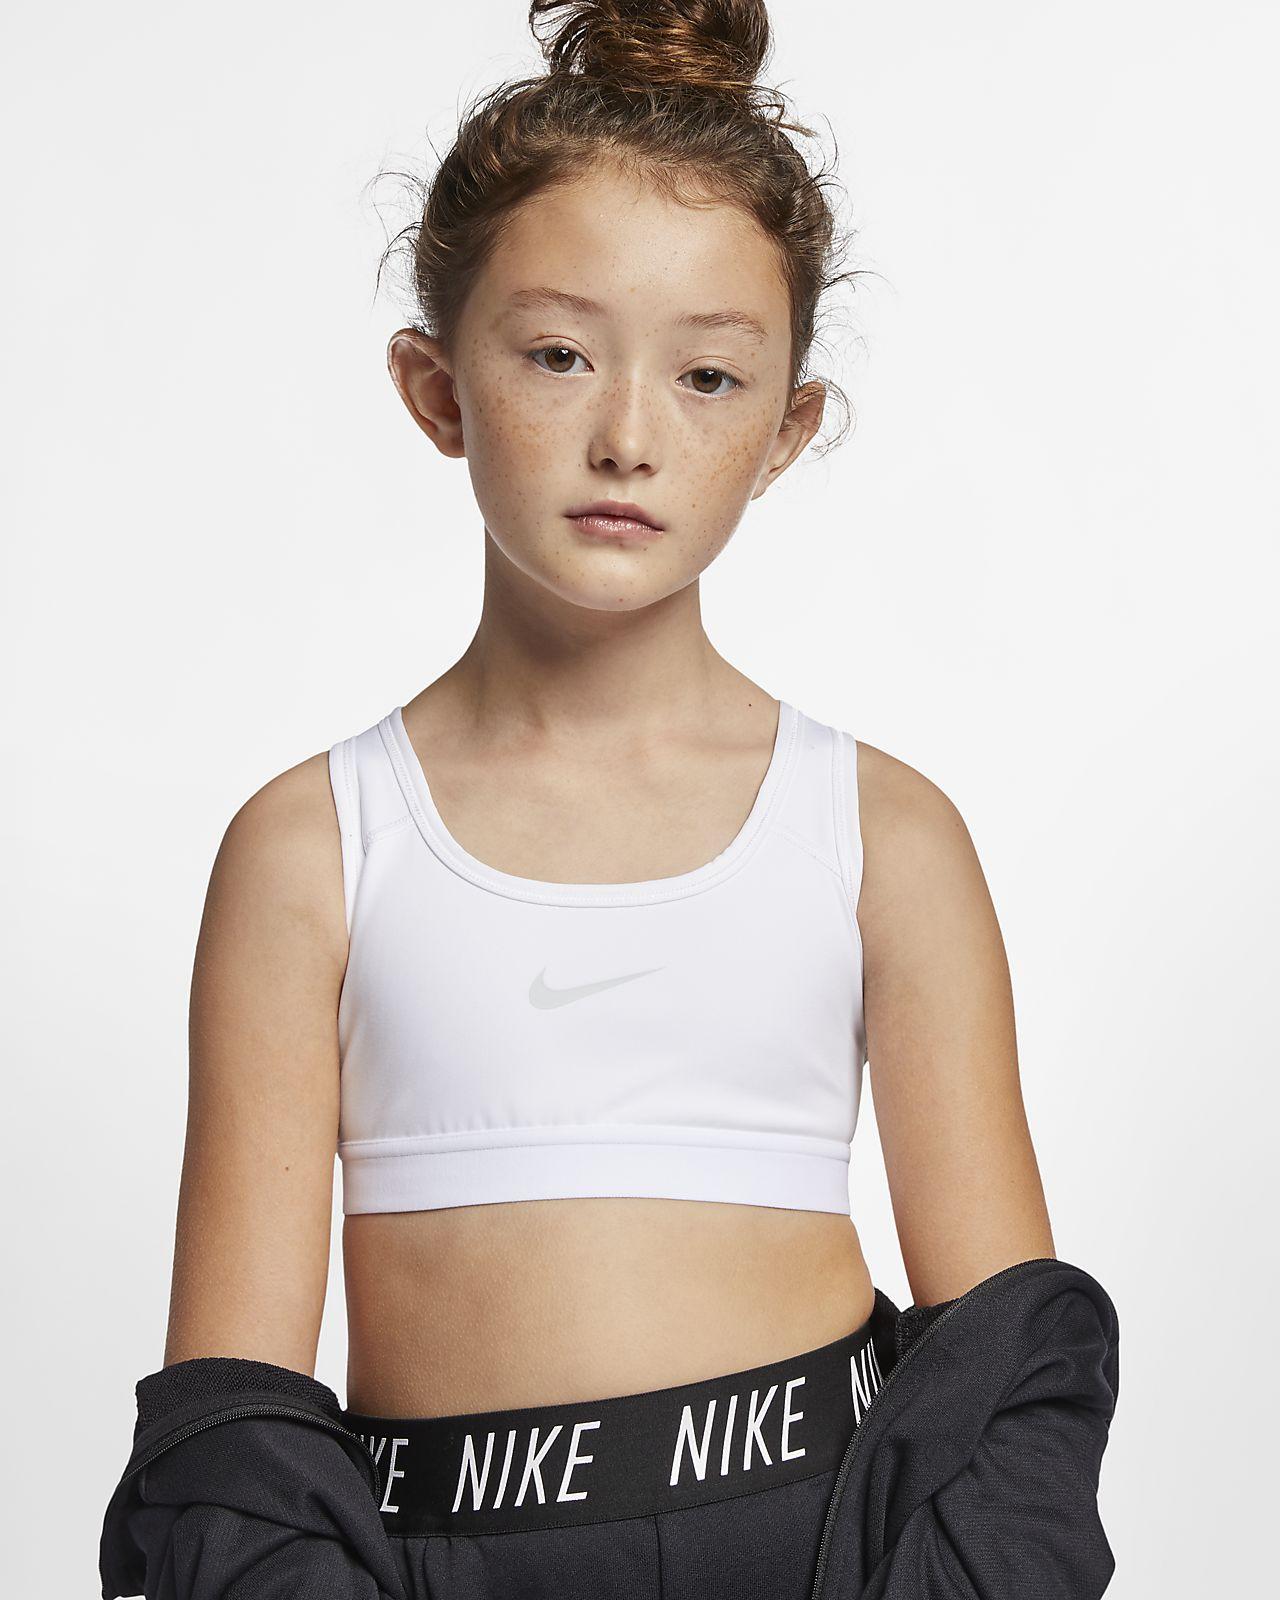 Nike Kız Çocuk Spor Sütyeni